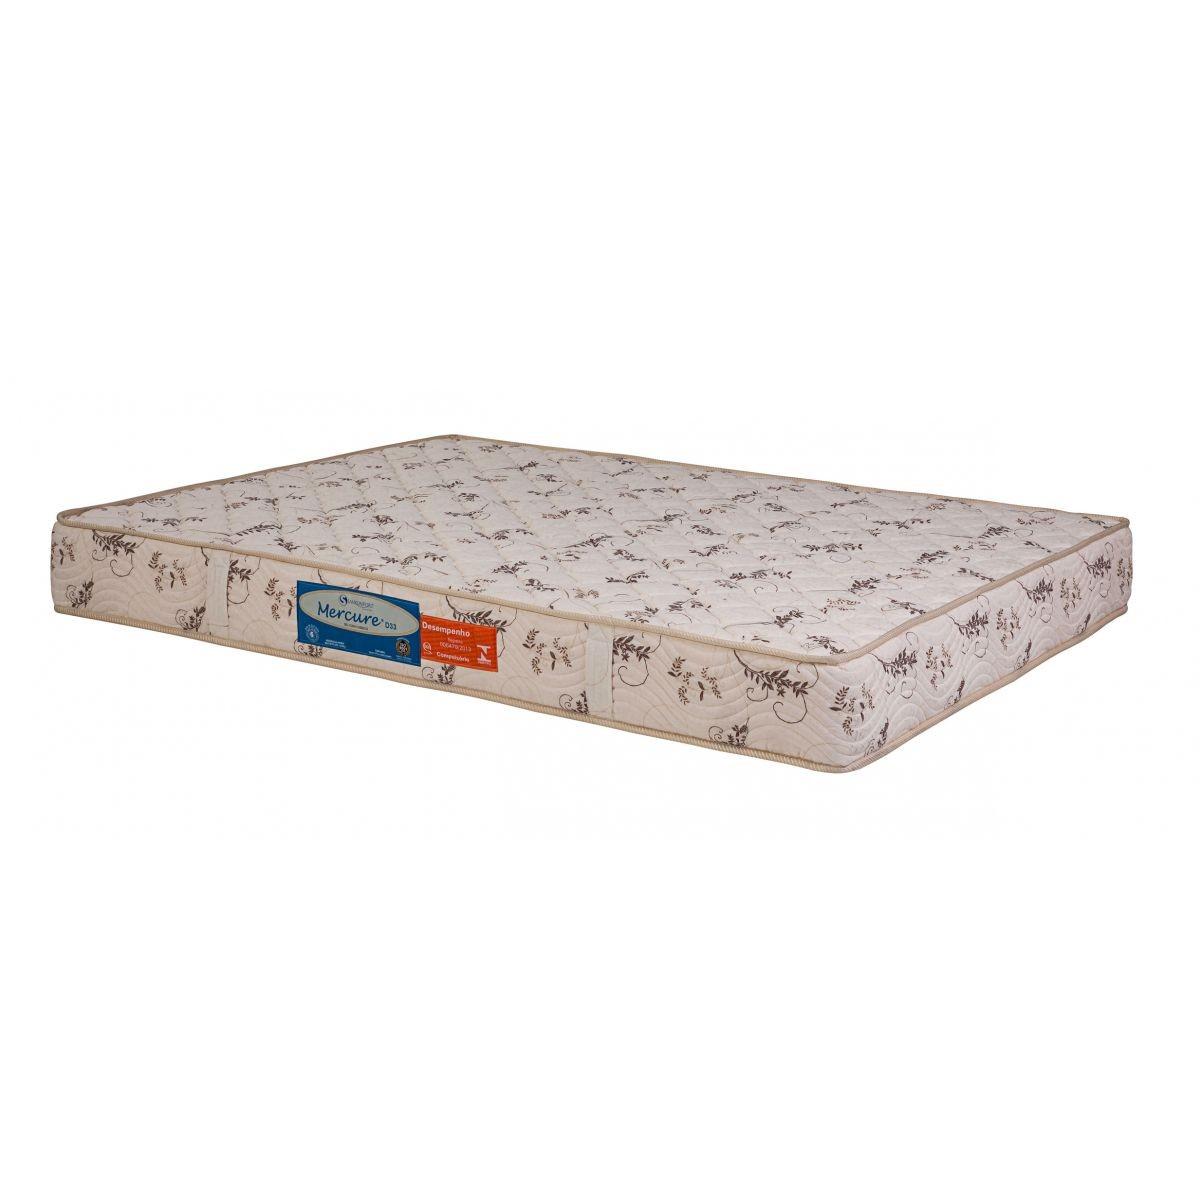 Colchão Sankonfort de Casal de Espuma D33 Mercure 17 cm